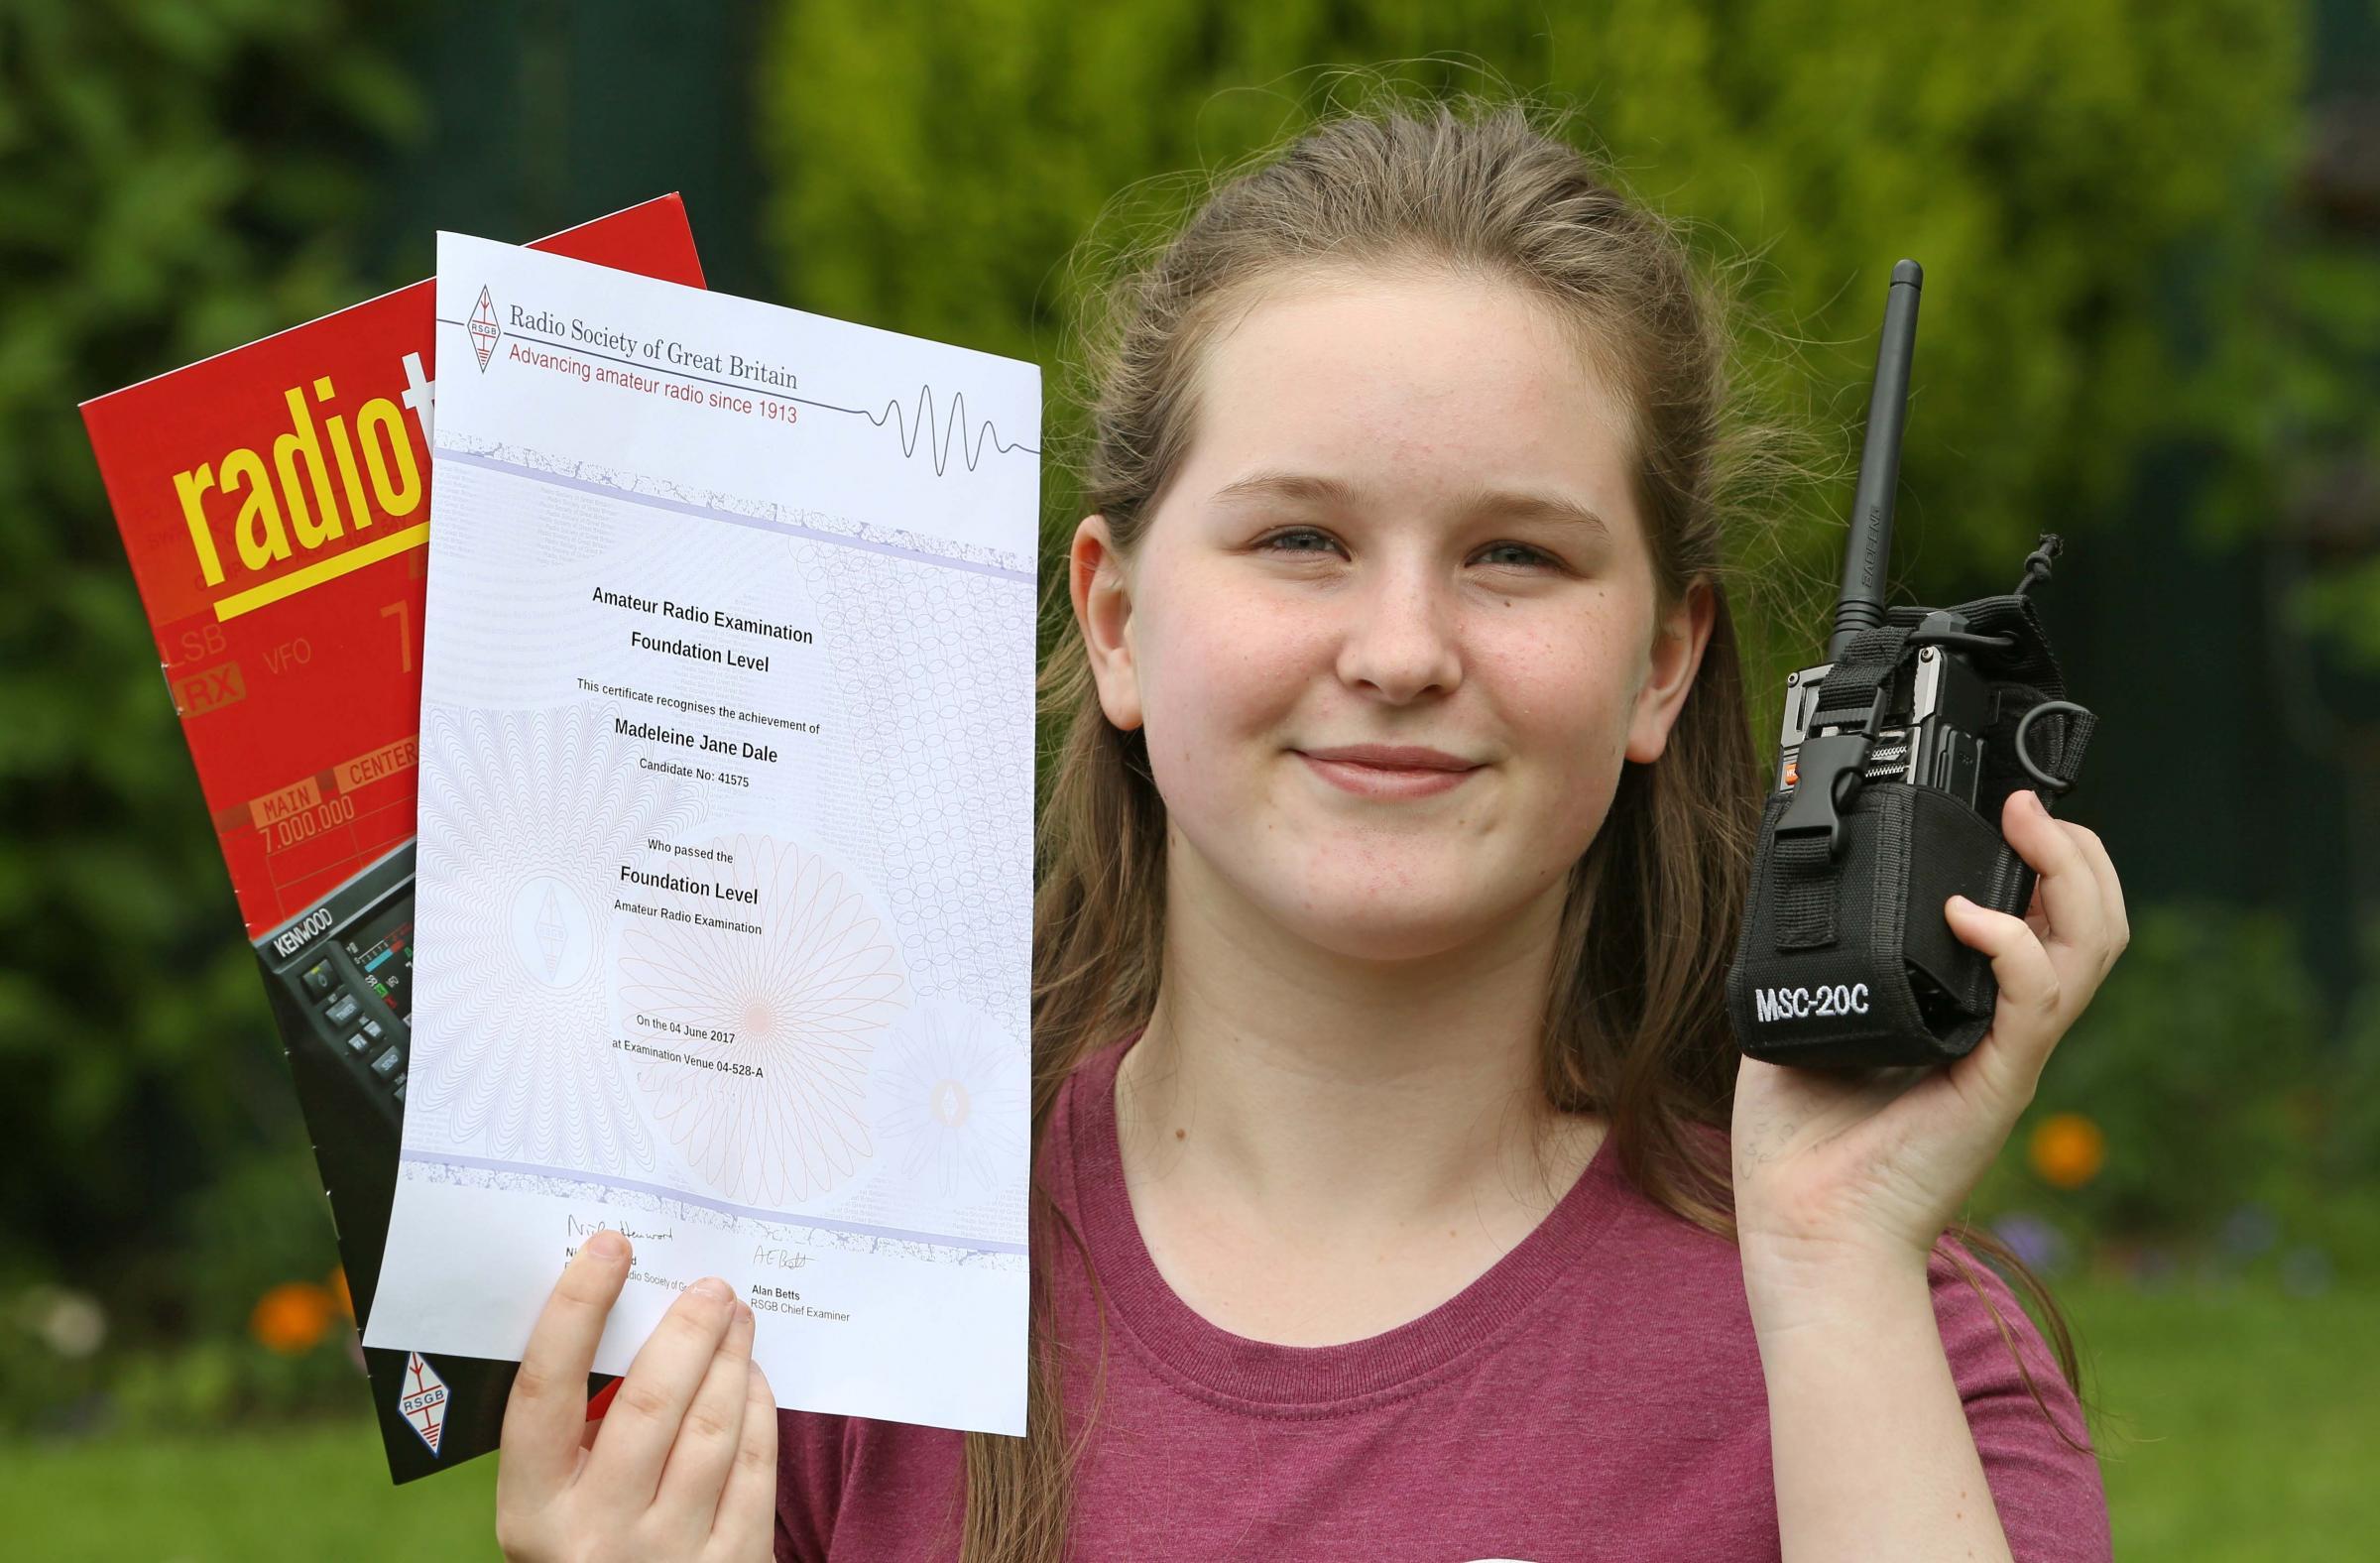 show radio Durham amateur